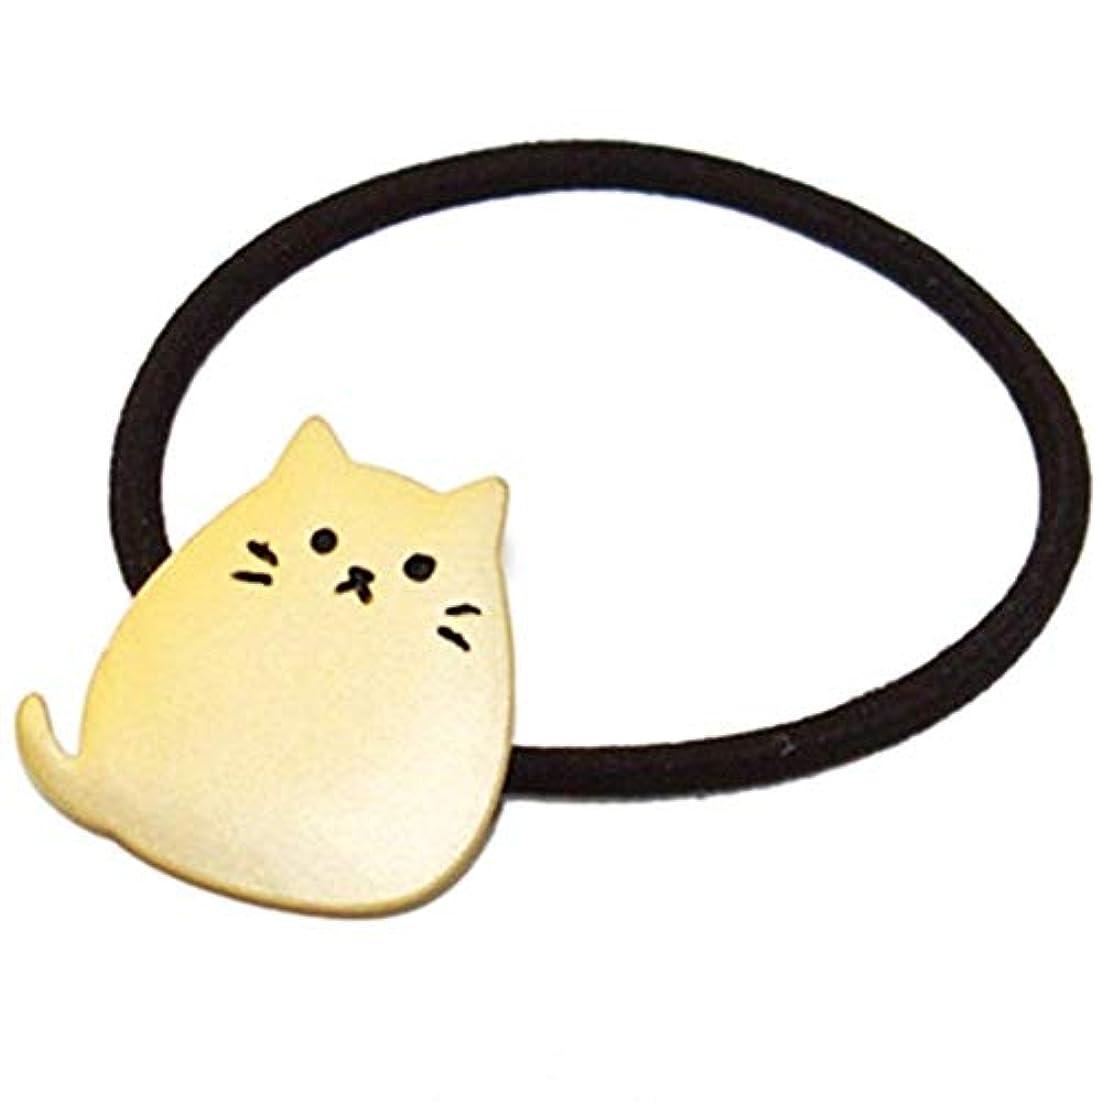 印象自己アサーOnior ヘアロープ 弾性 リボン 髪飾り ヘアネクタイ 猫形 金属 メッキ 1ピース ゴールデン